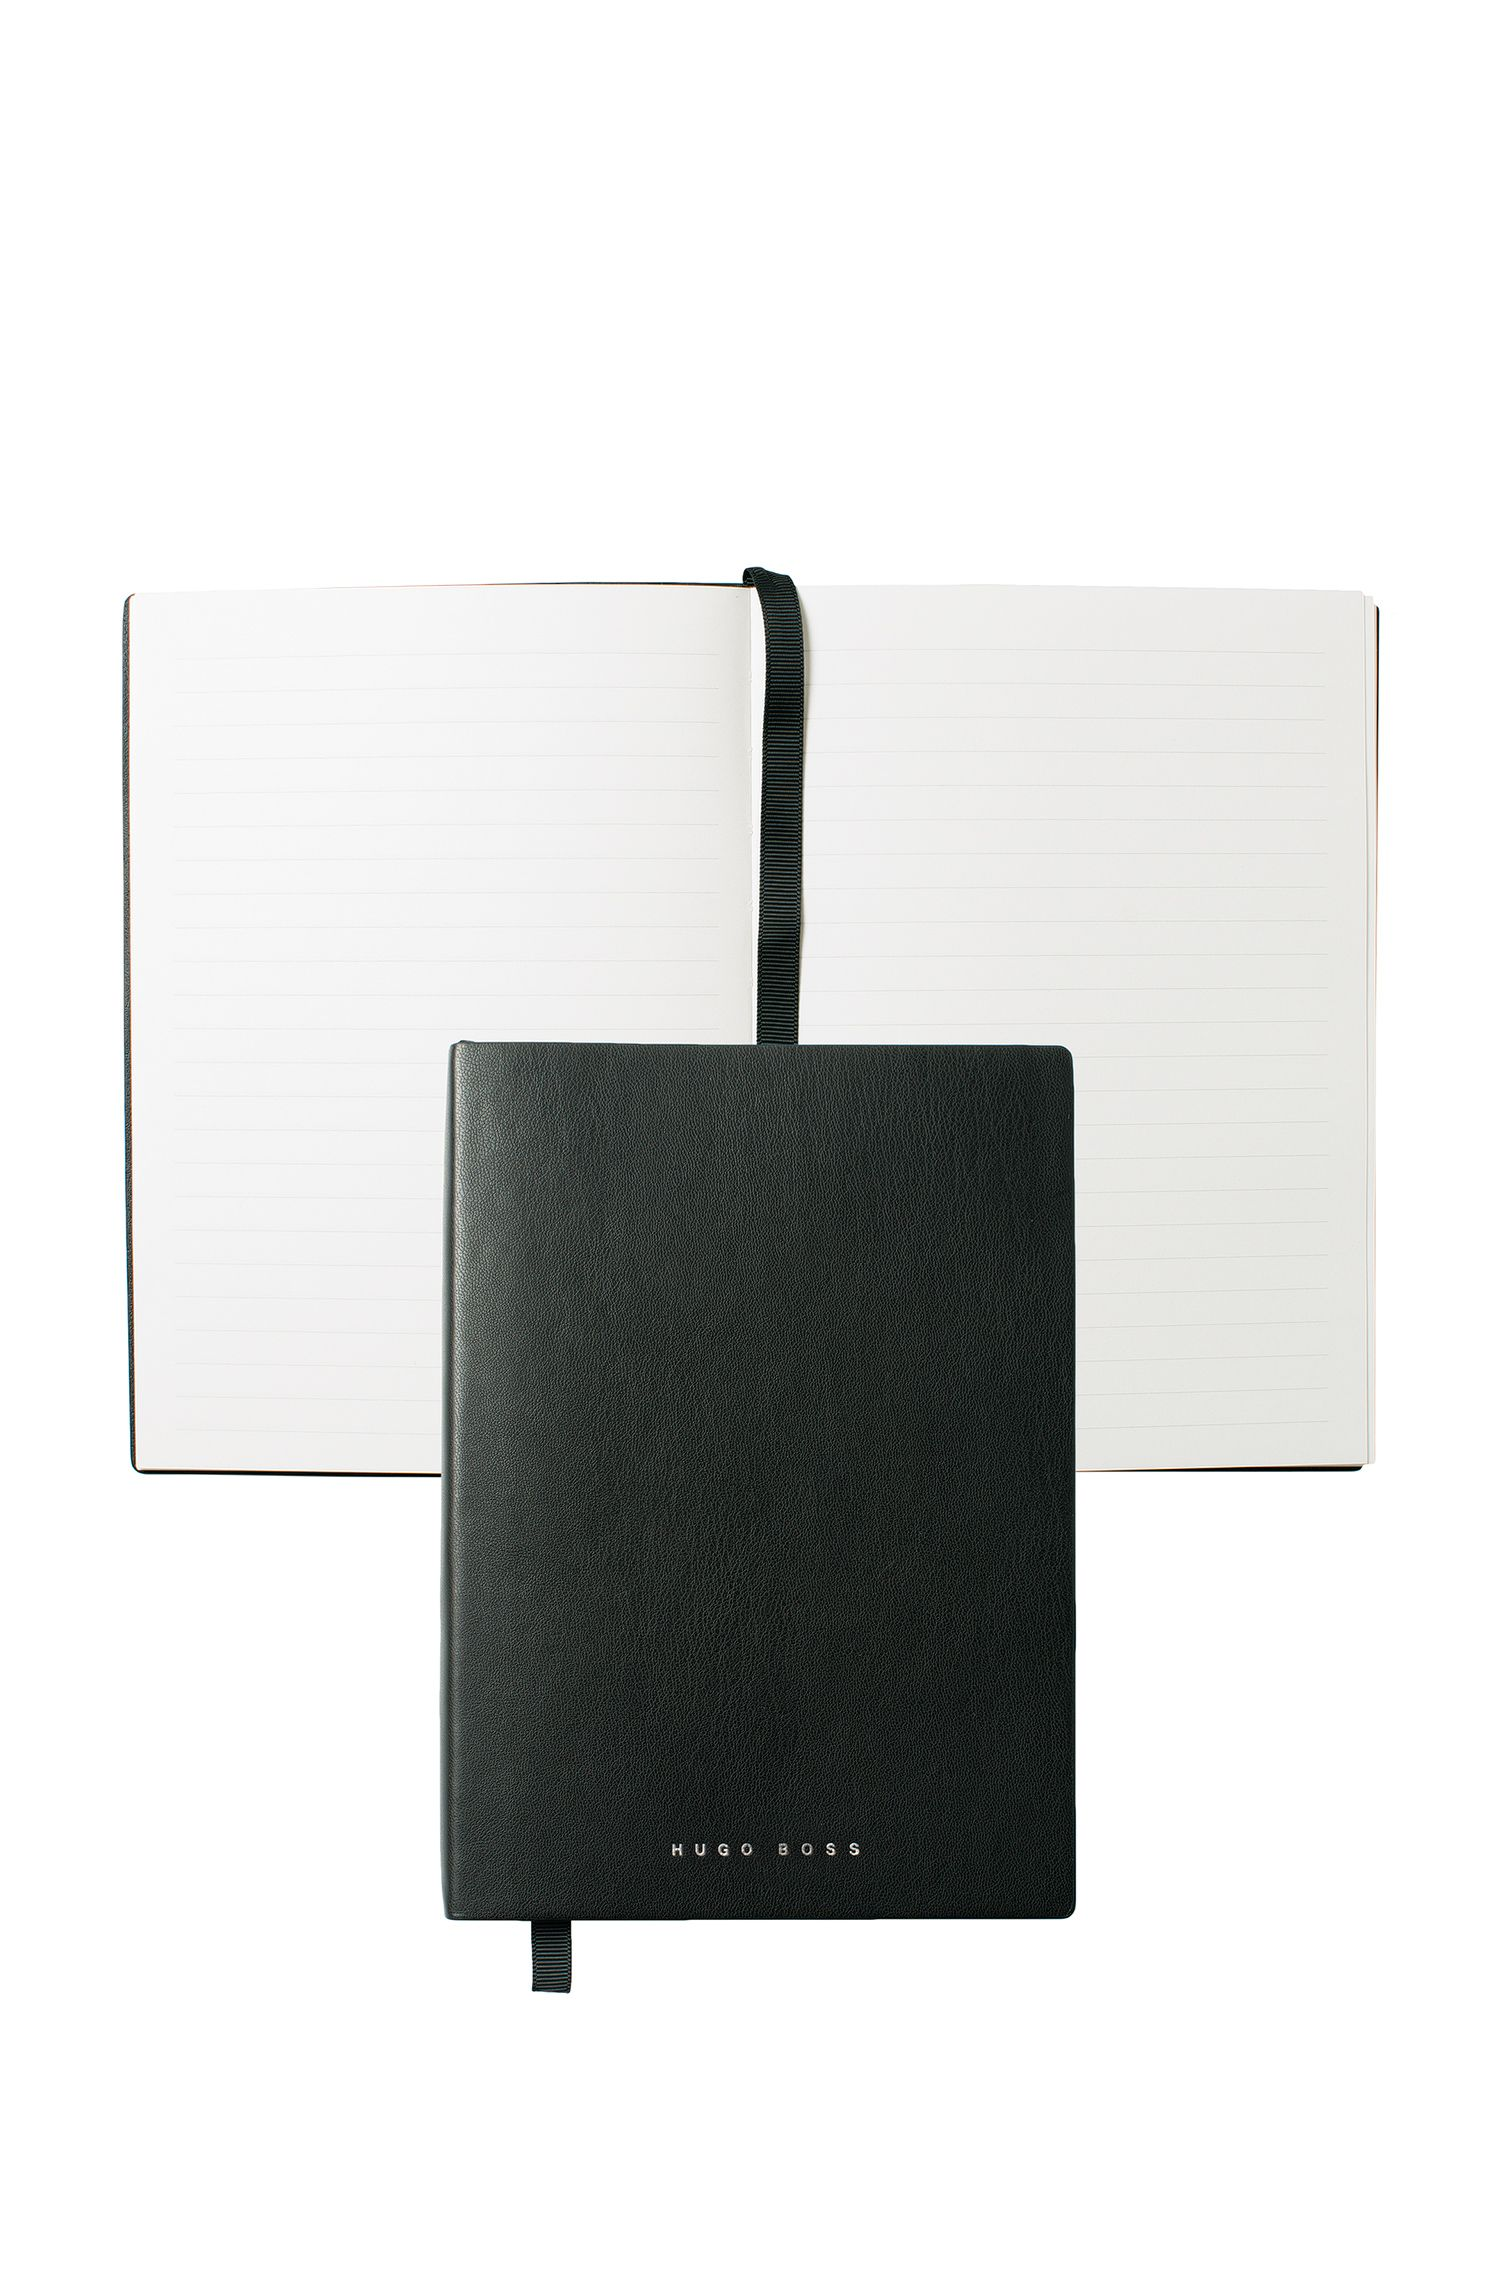 Bloc-notes A5 en similicuir noir, avec papier ligné, Noir